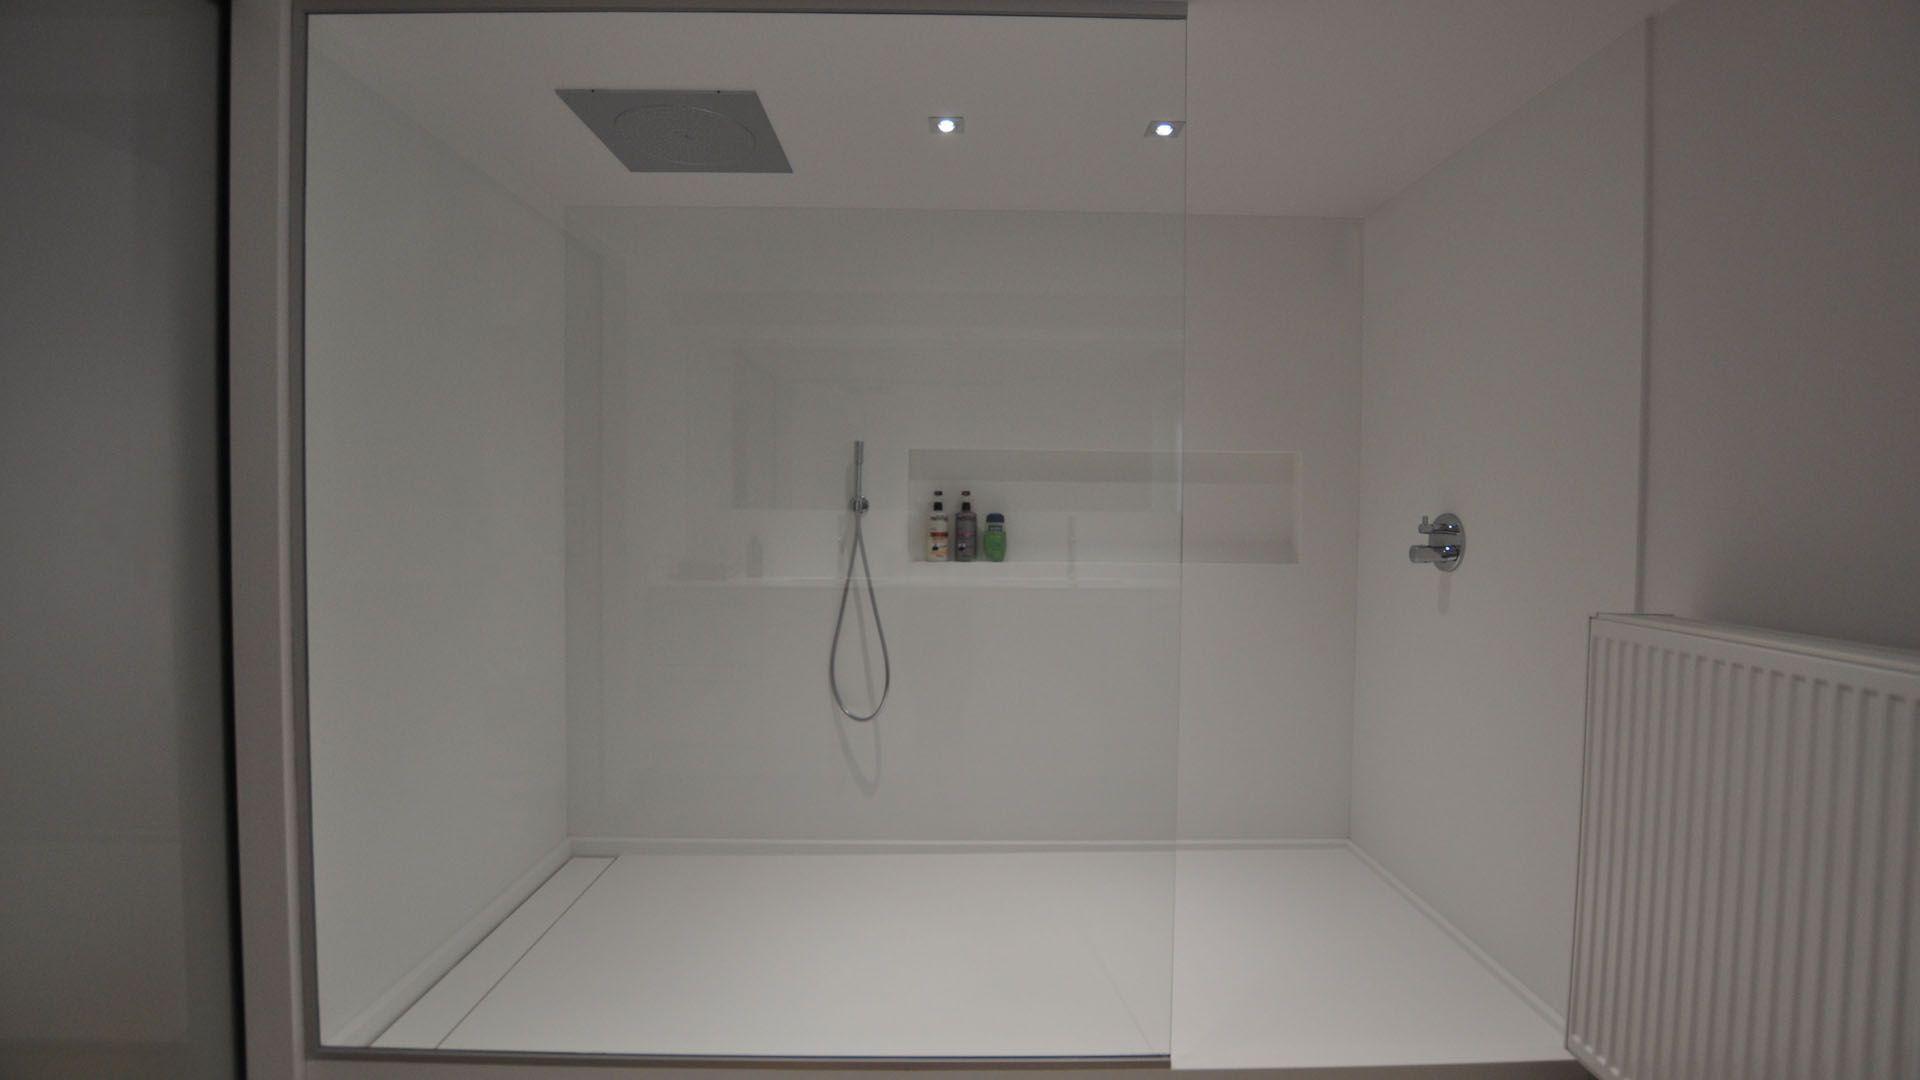 Wasbak Badkamer Gamma : Mozaiek tegels badkamer gamma best afzuiging badkamer plafond